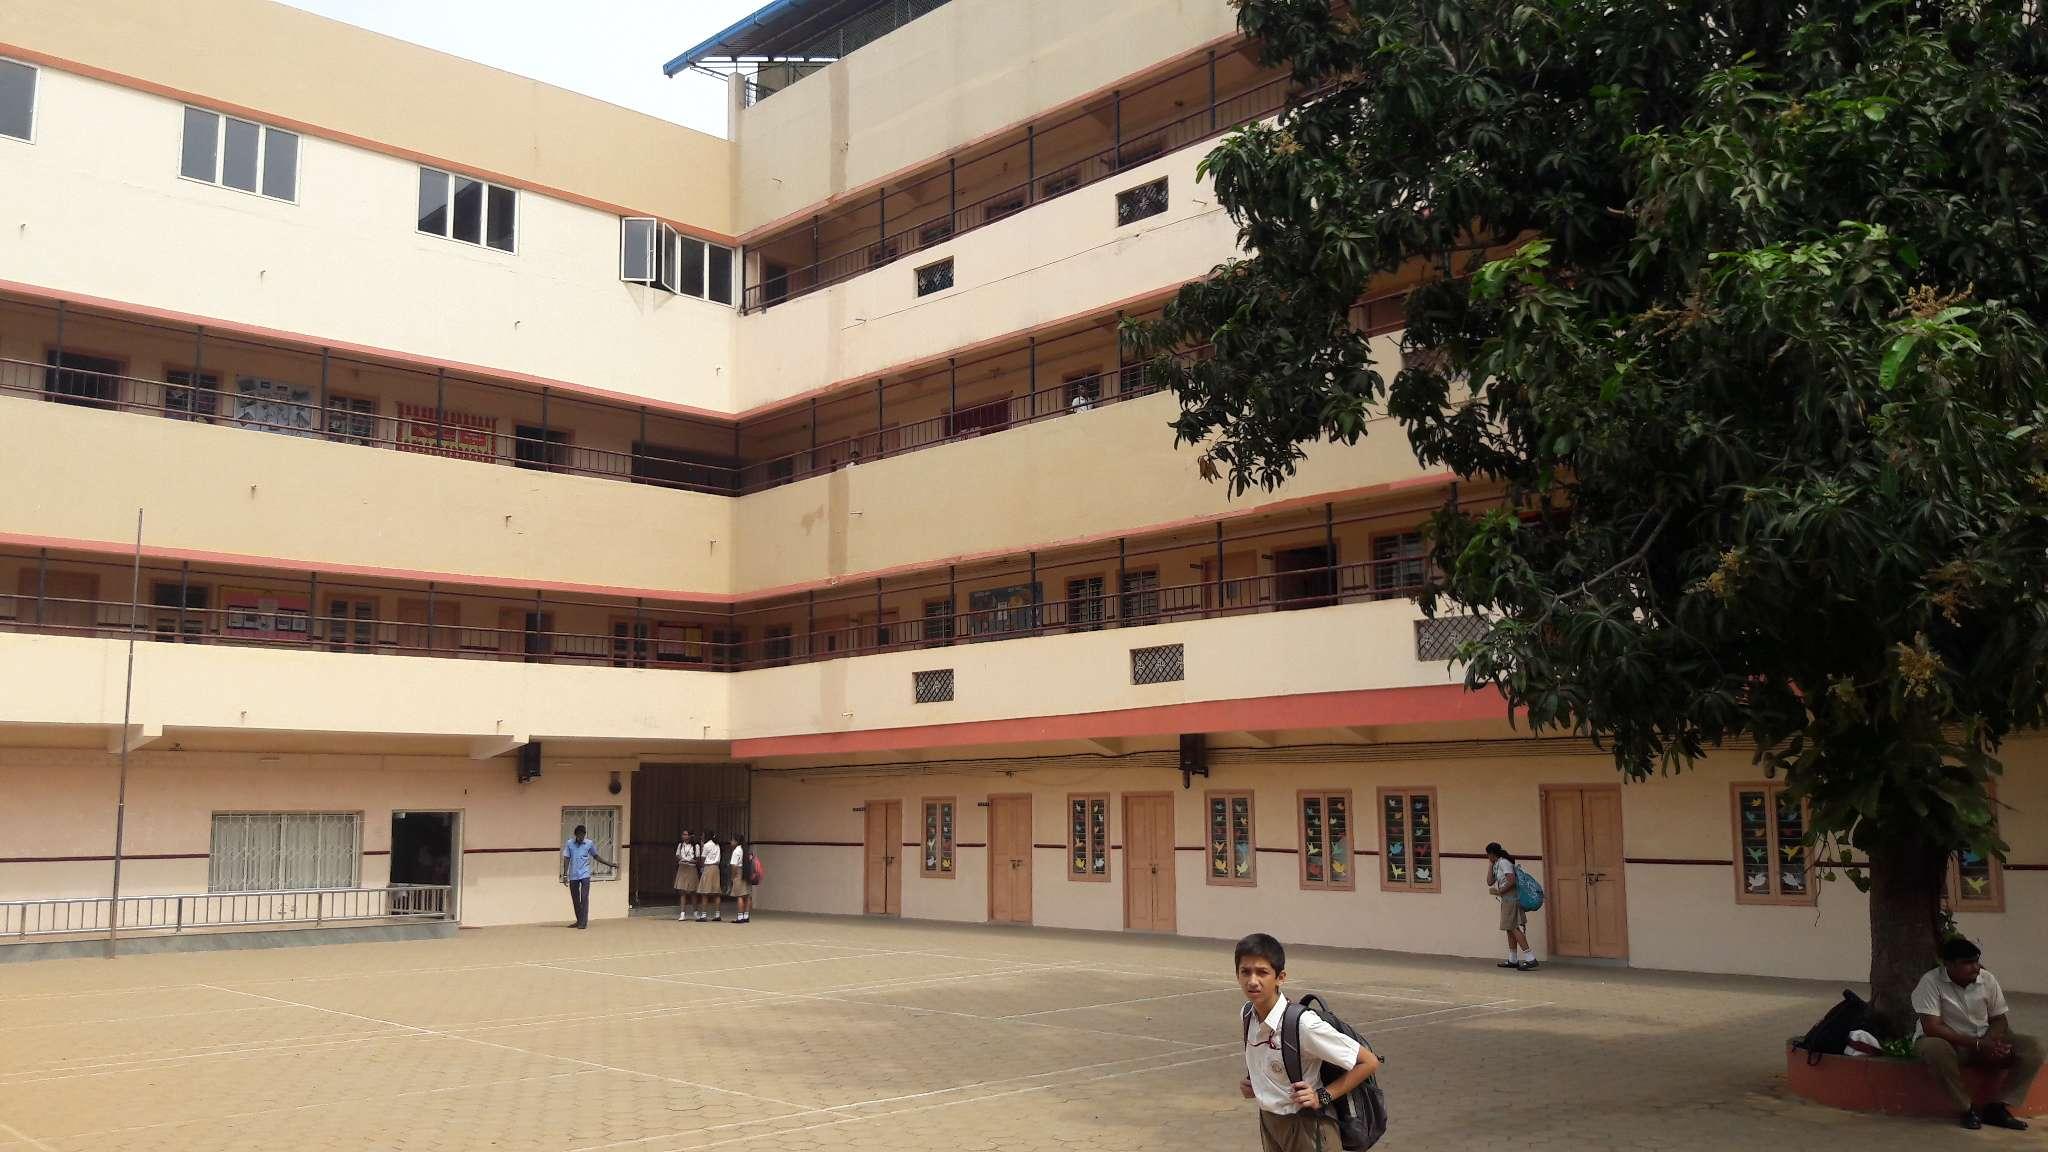 NATIONAL PUBLIC SCHOOL 228 AVVAI SHANMUGAM ROAD GOPALAPURAM CHENNAI TAMIL NADU 1930006